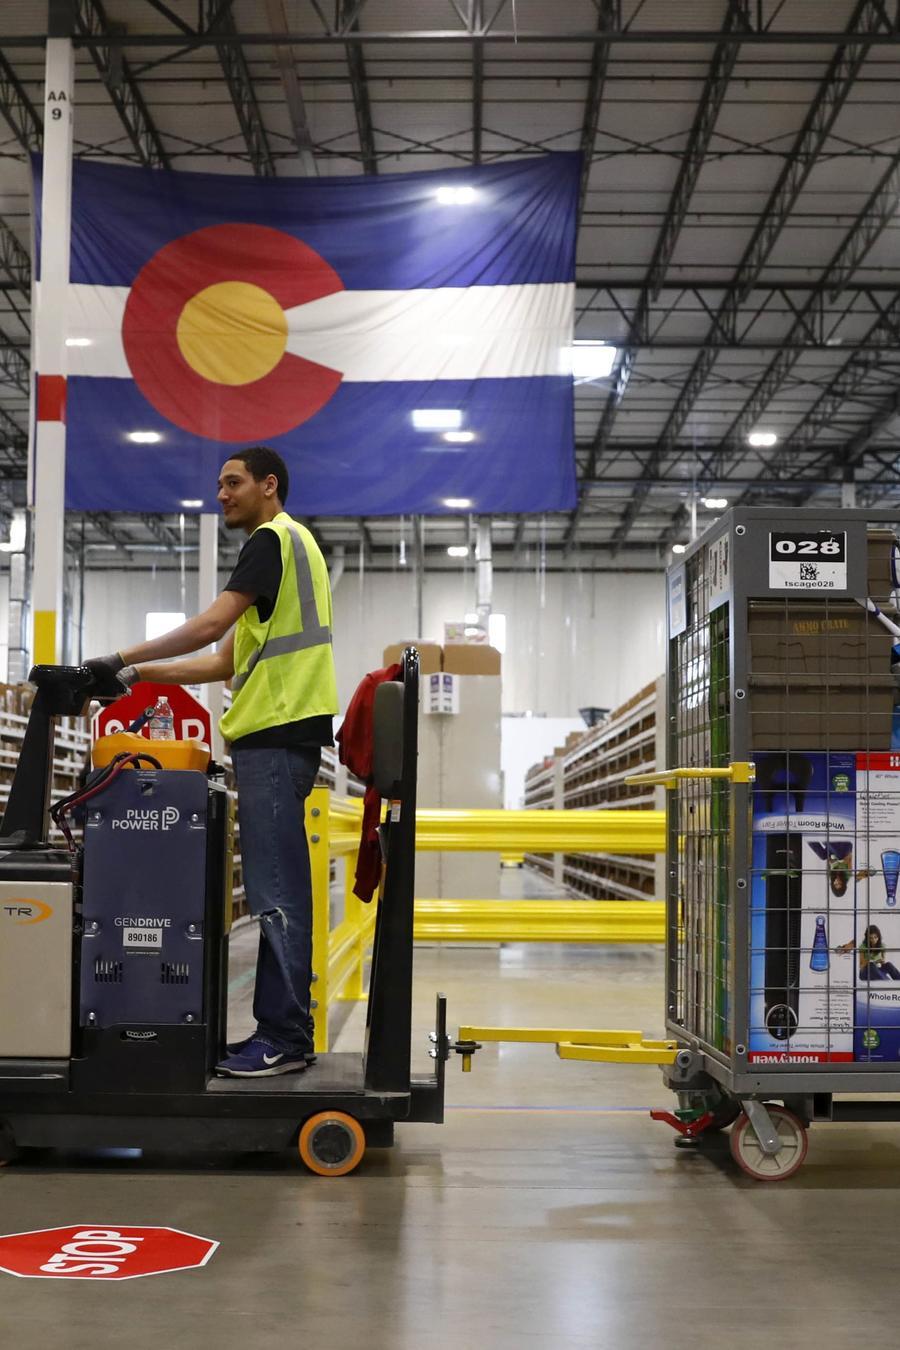 un trabajador de Amazon que conduce un montacargas en una bodega en Colorado